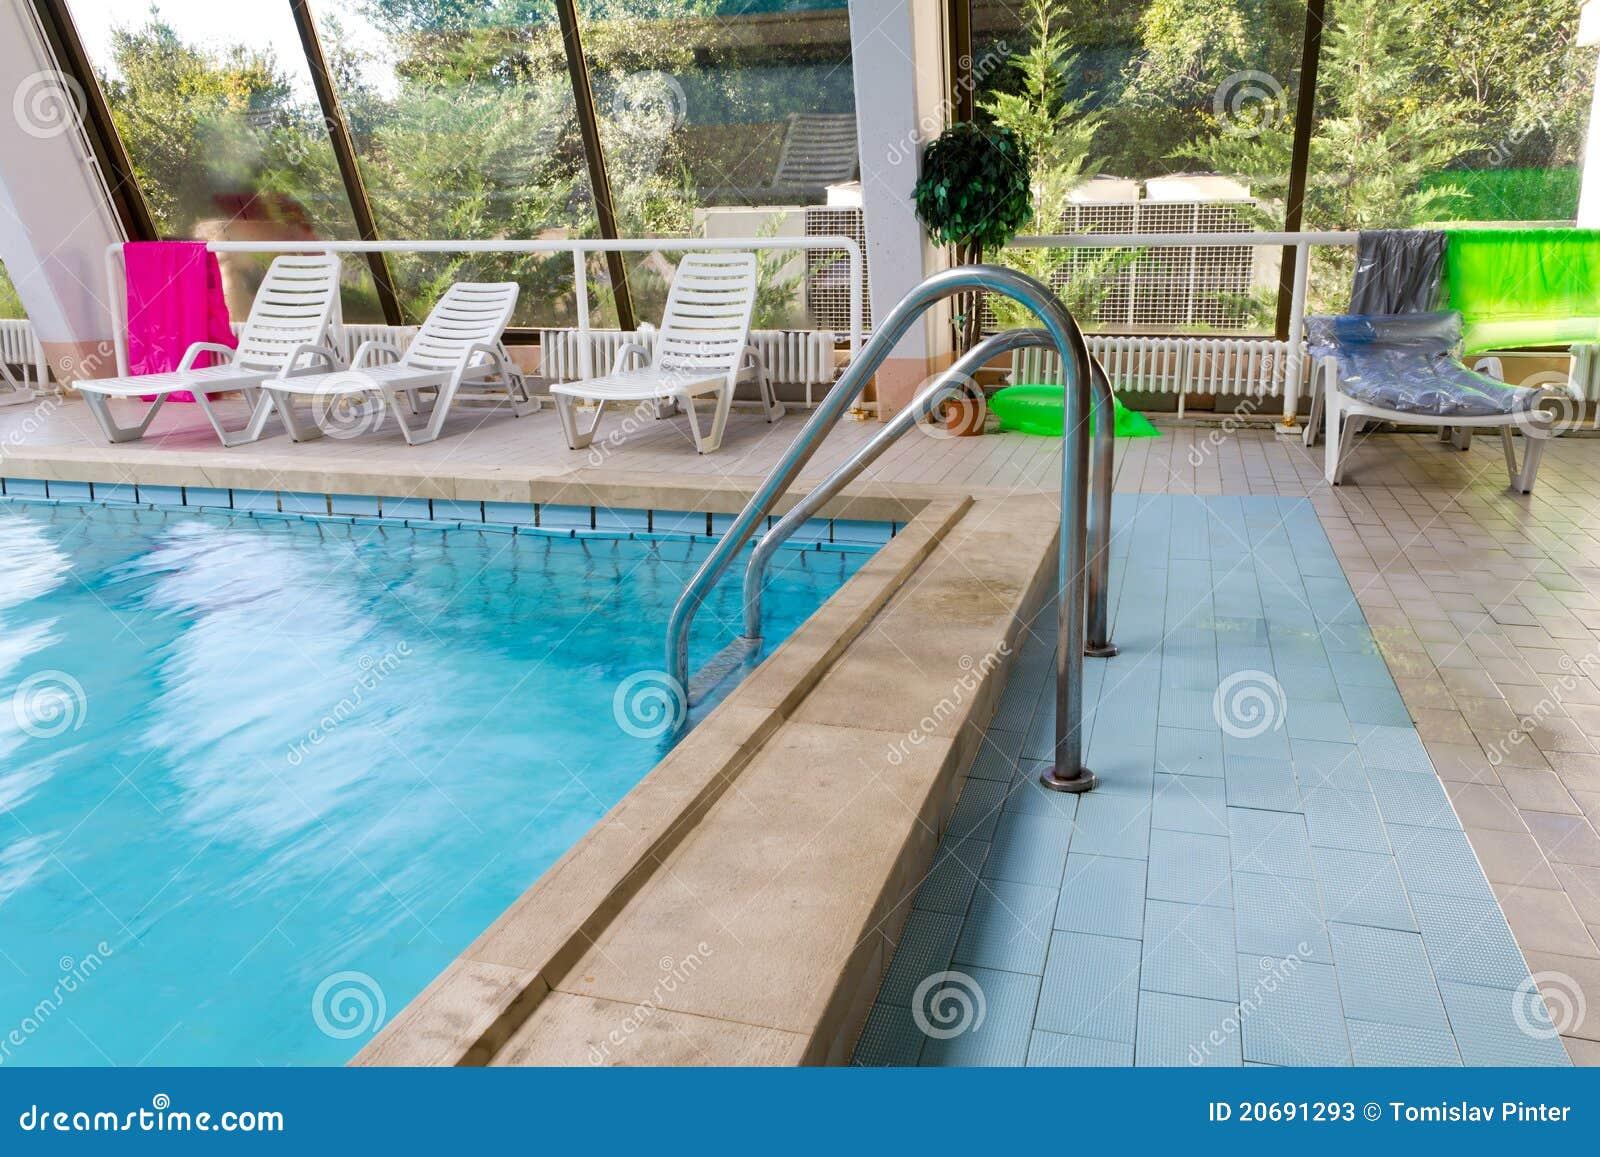 Escaleras de la piscina fotos de archivo imagen 20691293 for Escaleras de piscina